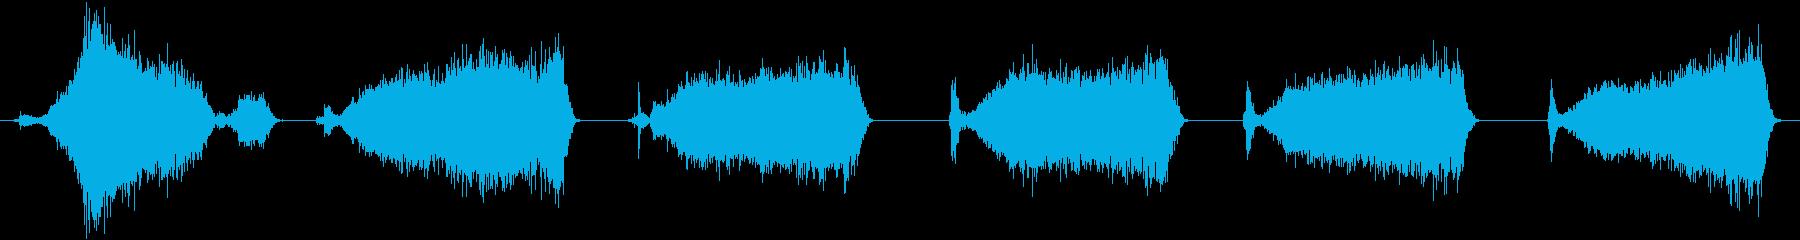 ハードブリストルプッシュほうき:コ...の再生済みの波形